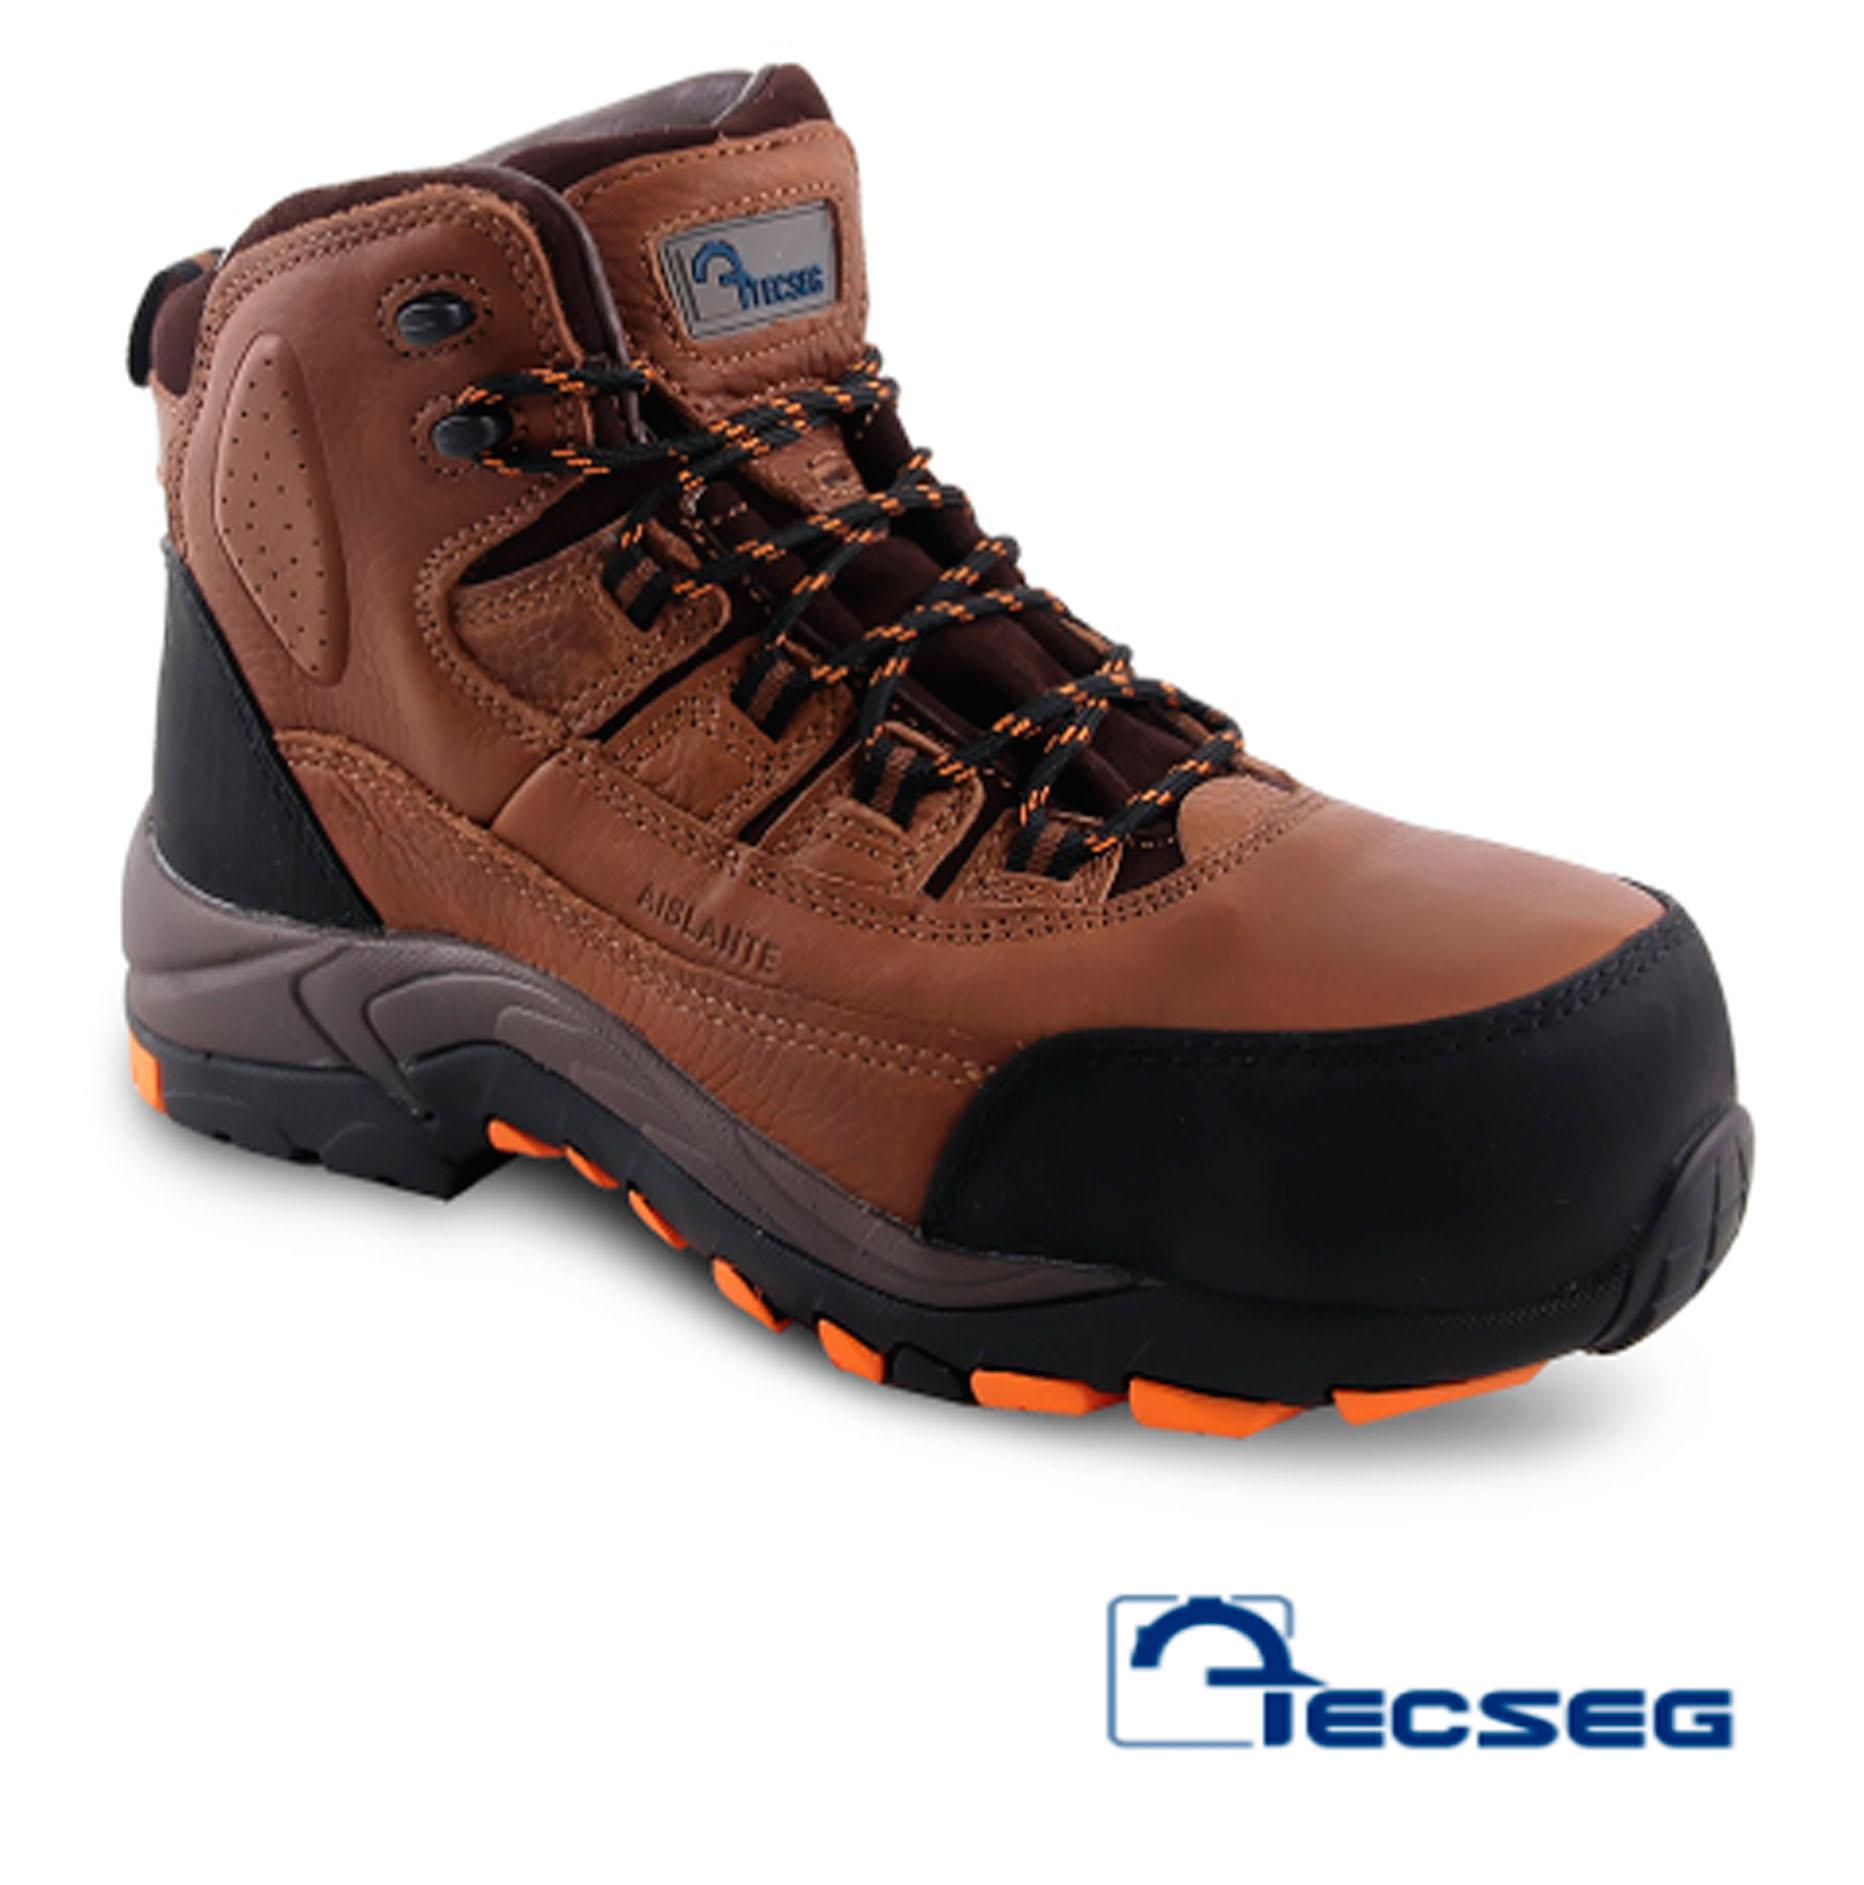 Zapato Dielectrico NEBRASKA TCSG 150